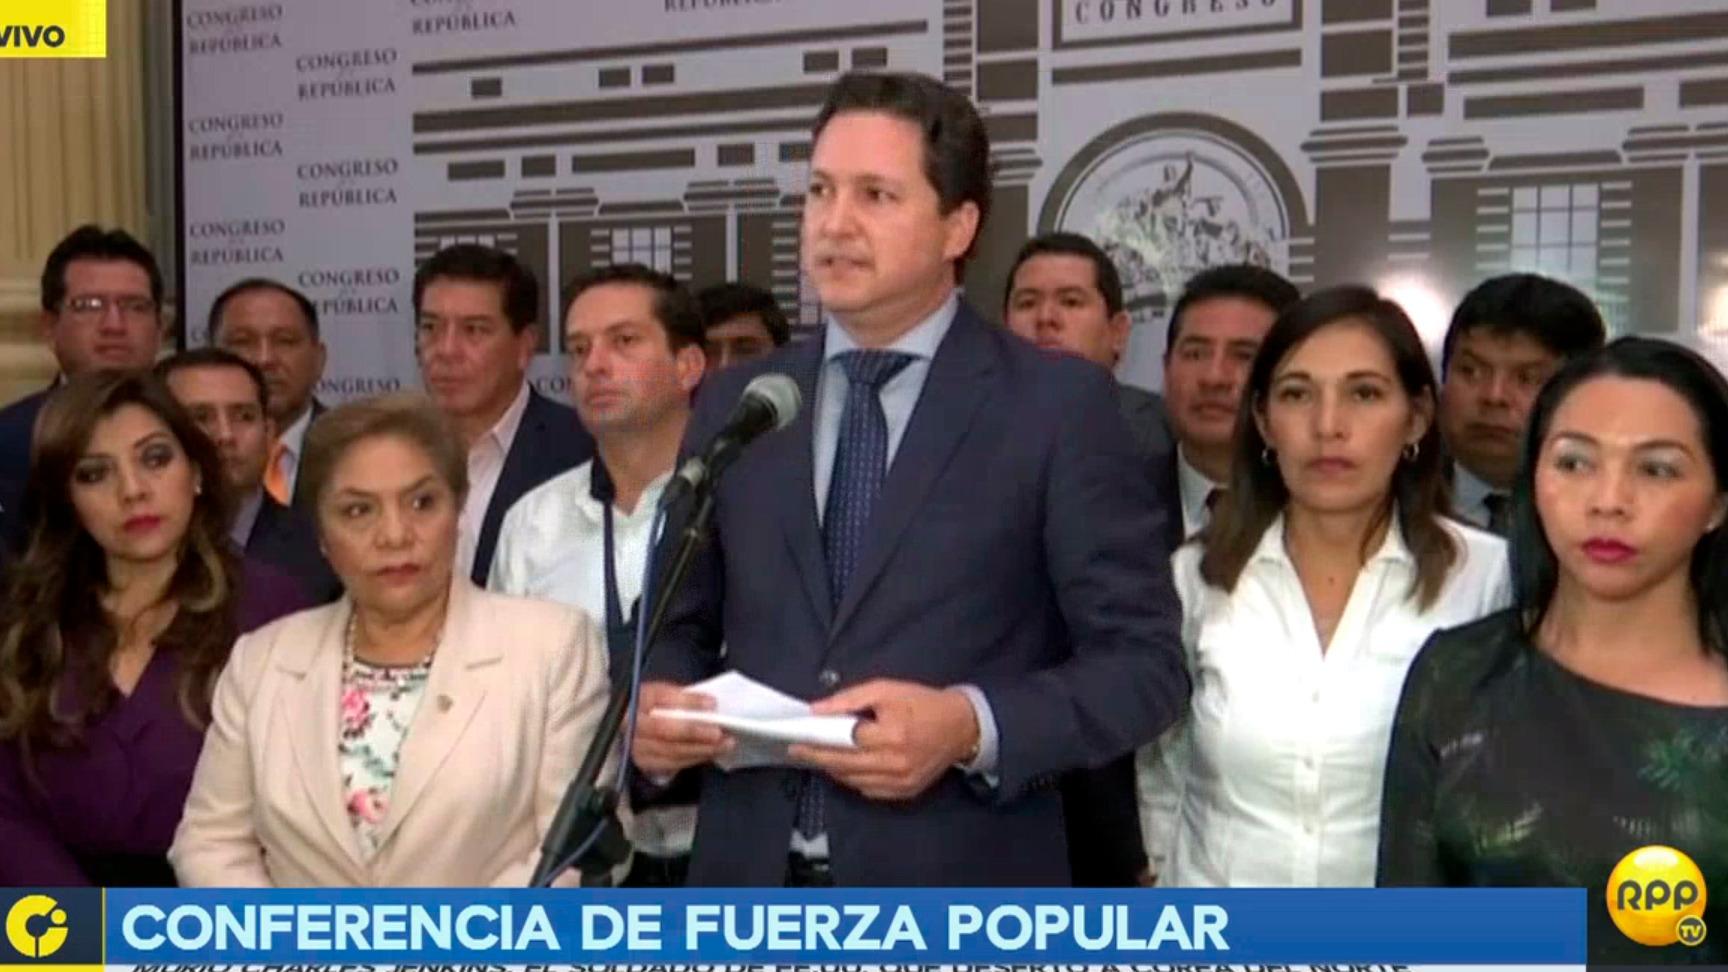 La conferencia de prensa de Fuerza Popular